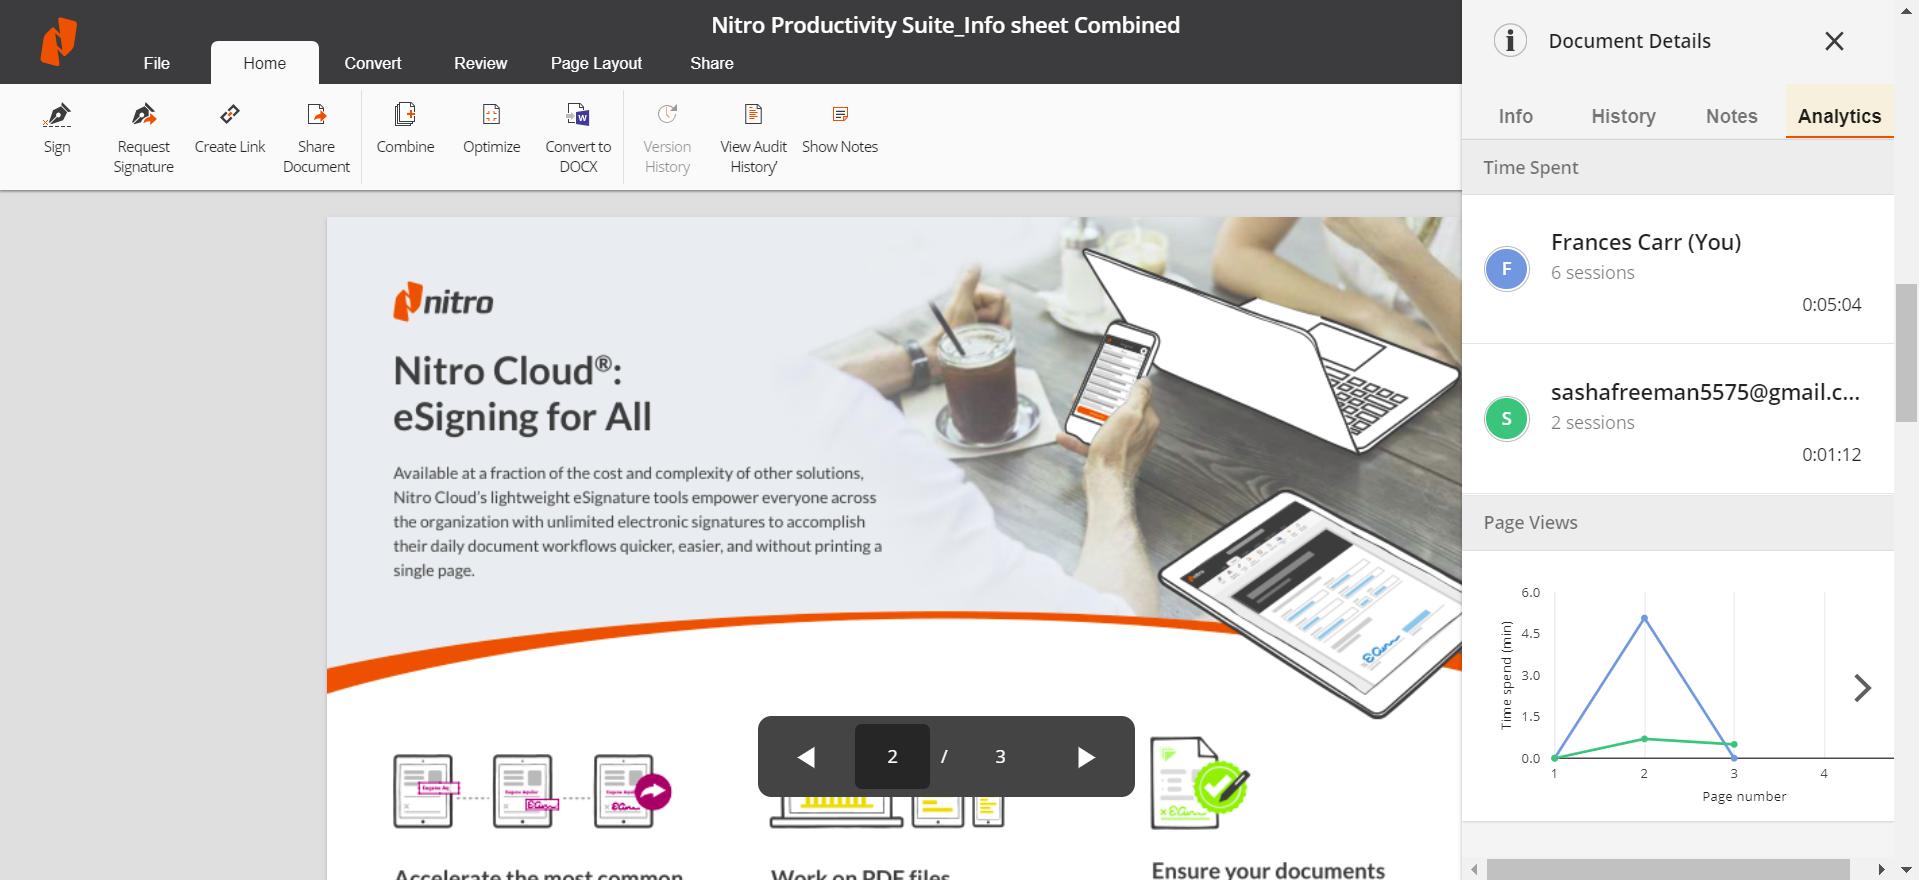 Nitro Productivity Suite Reviews 2019: Details, Pricing